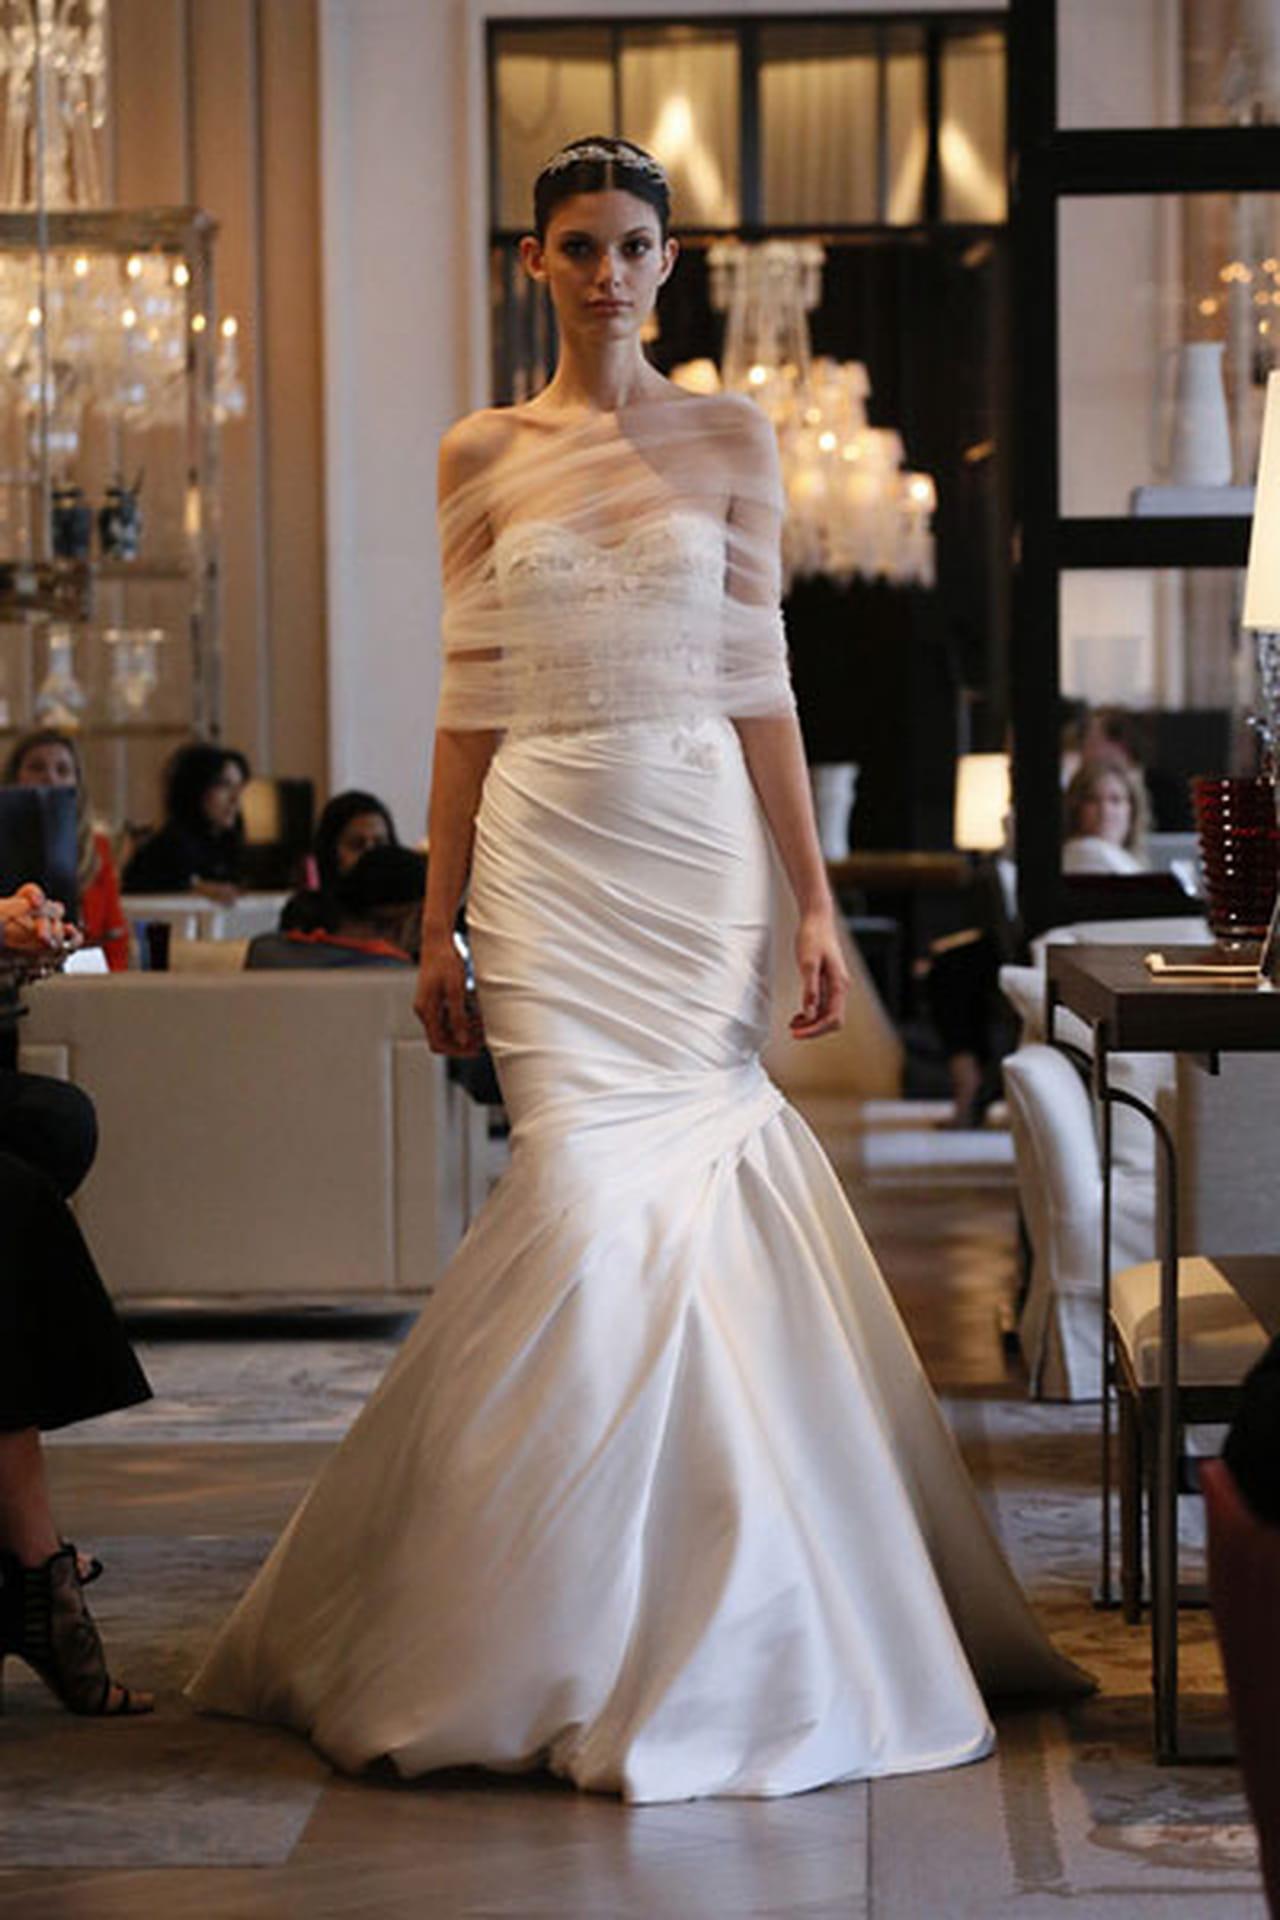 b907c6605 فساتين زفاف مونيك لولييه 2016 لإطلالة الأميرات